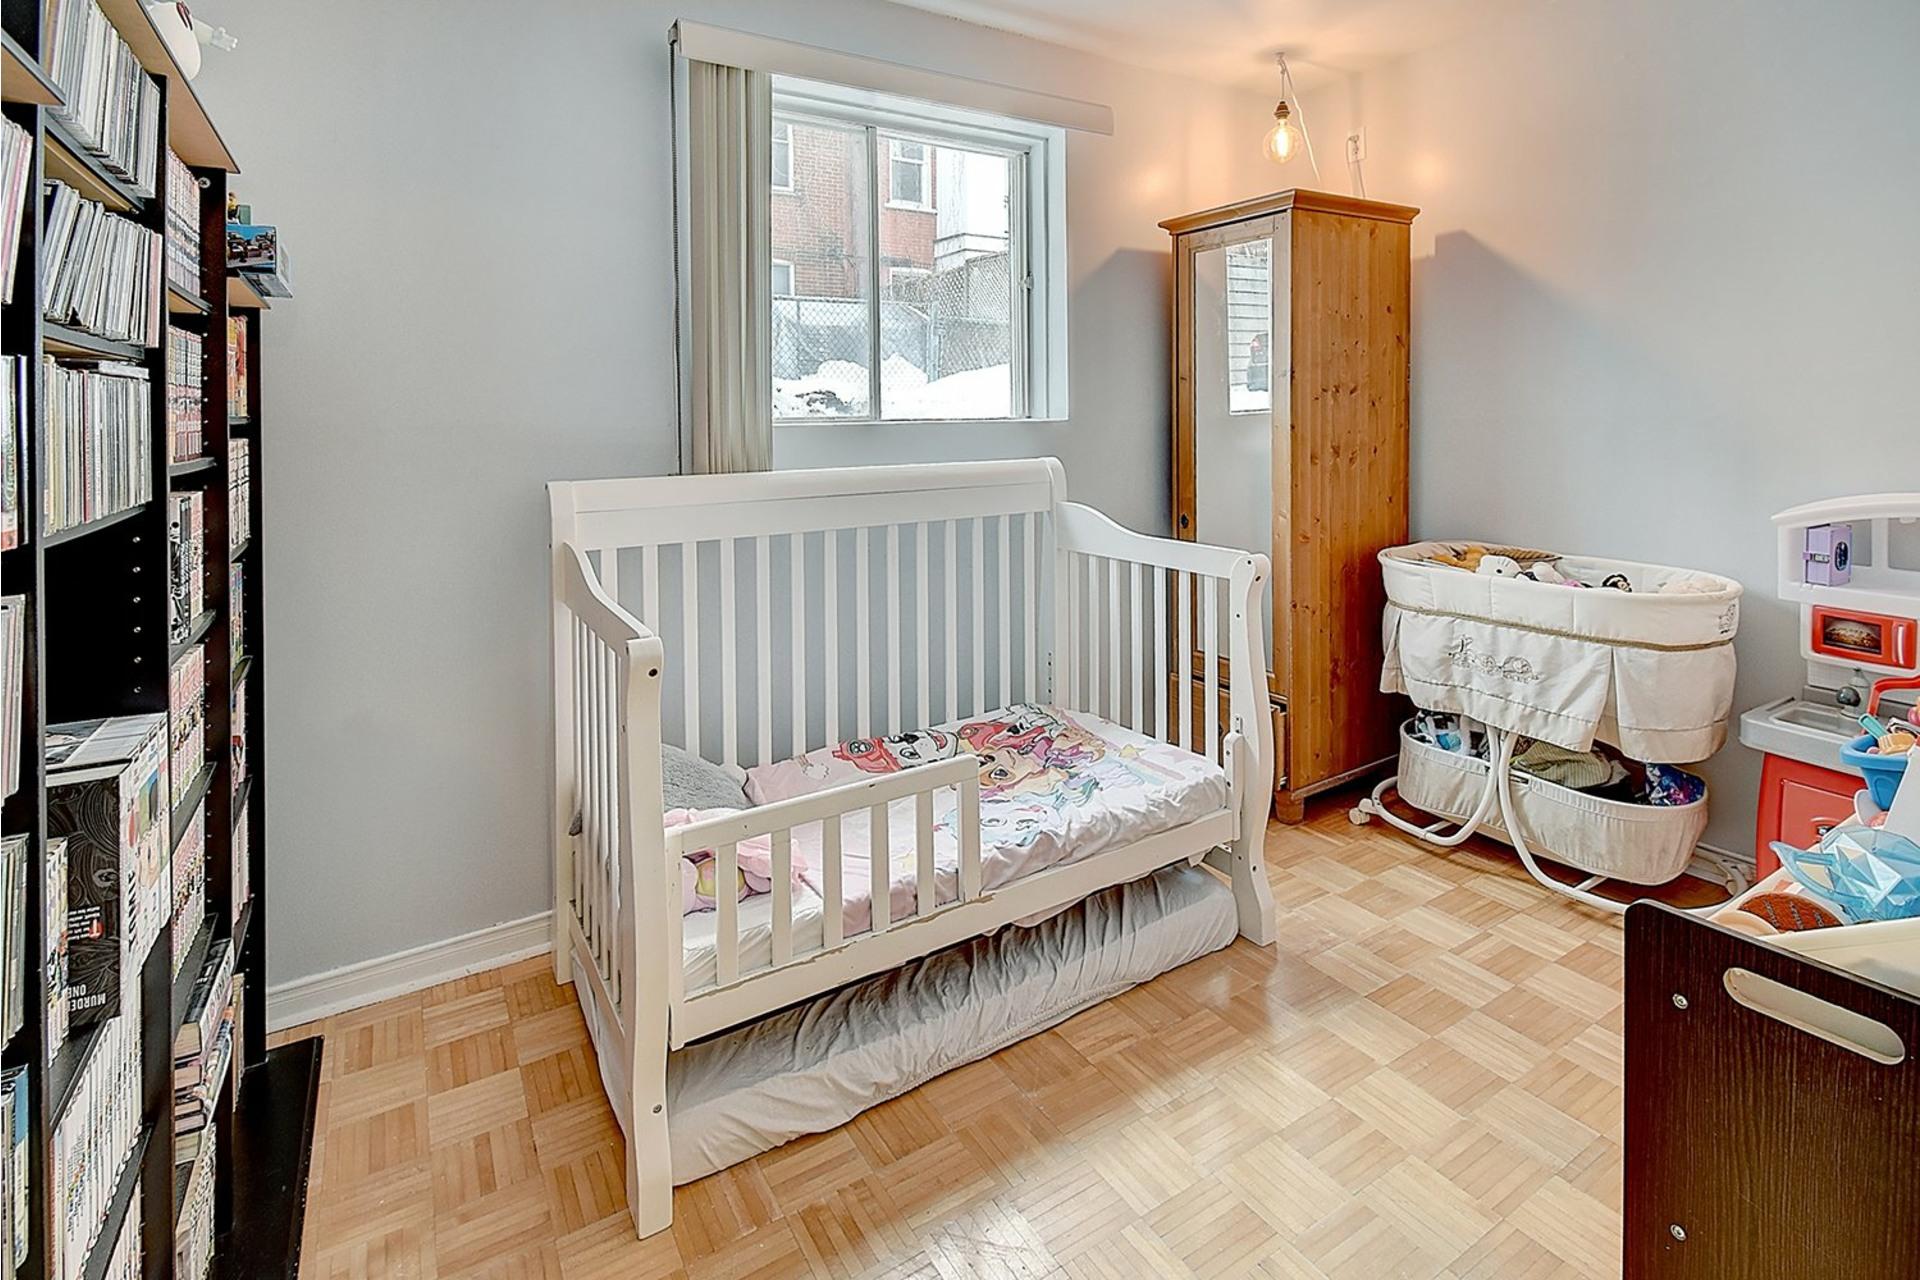 image 19 - Appartement À vendre Verdun/Île-des-Soeurs Montréal  - 7 pièces